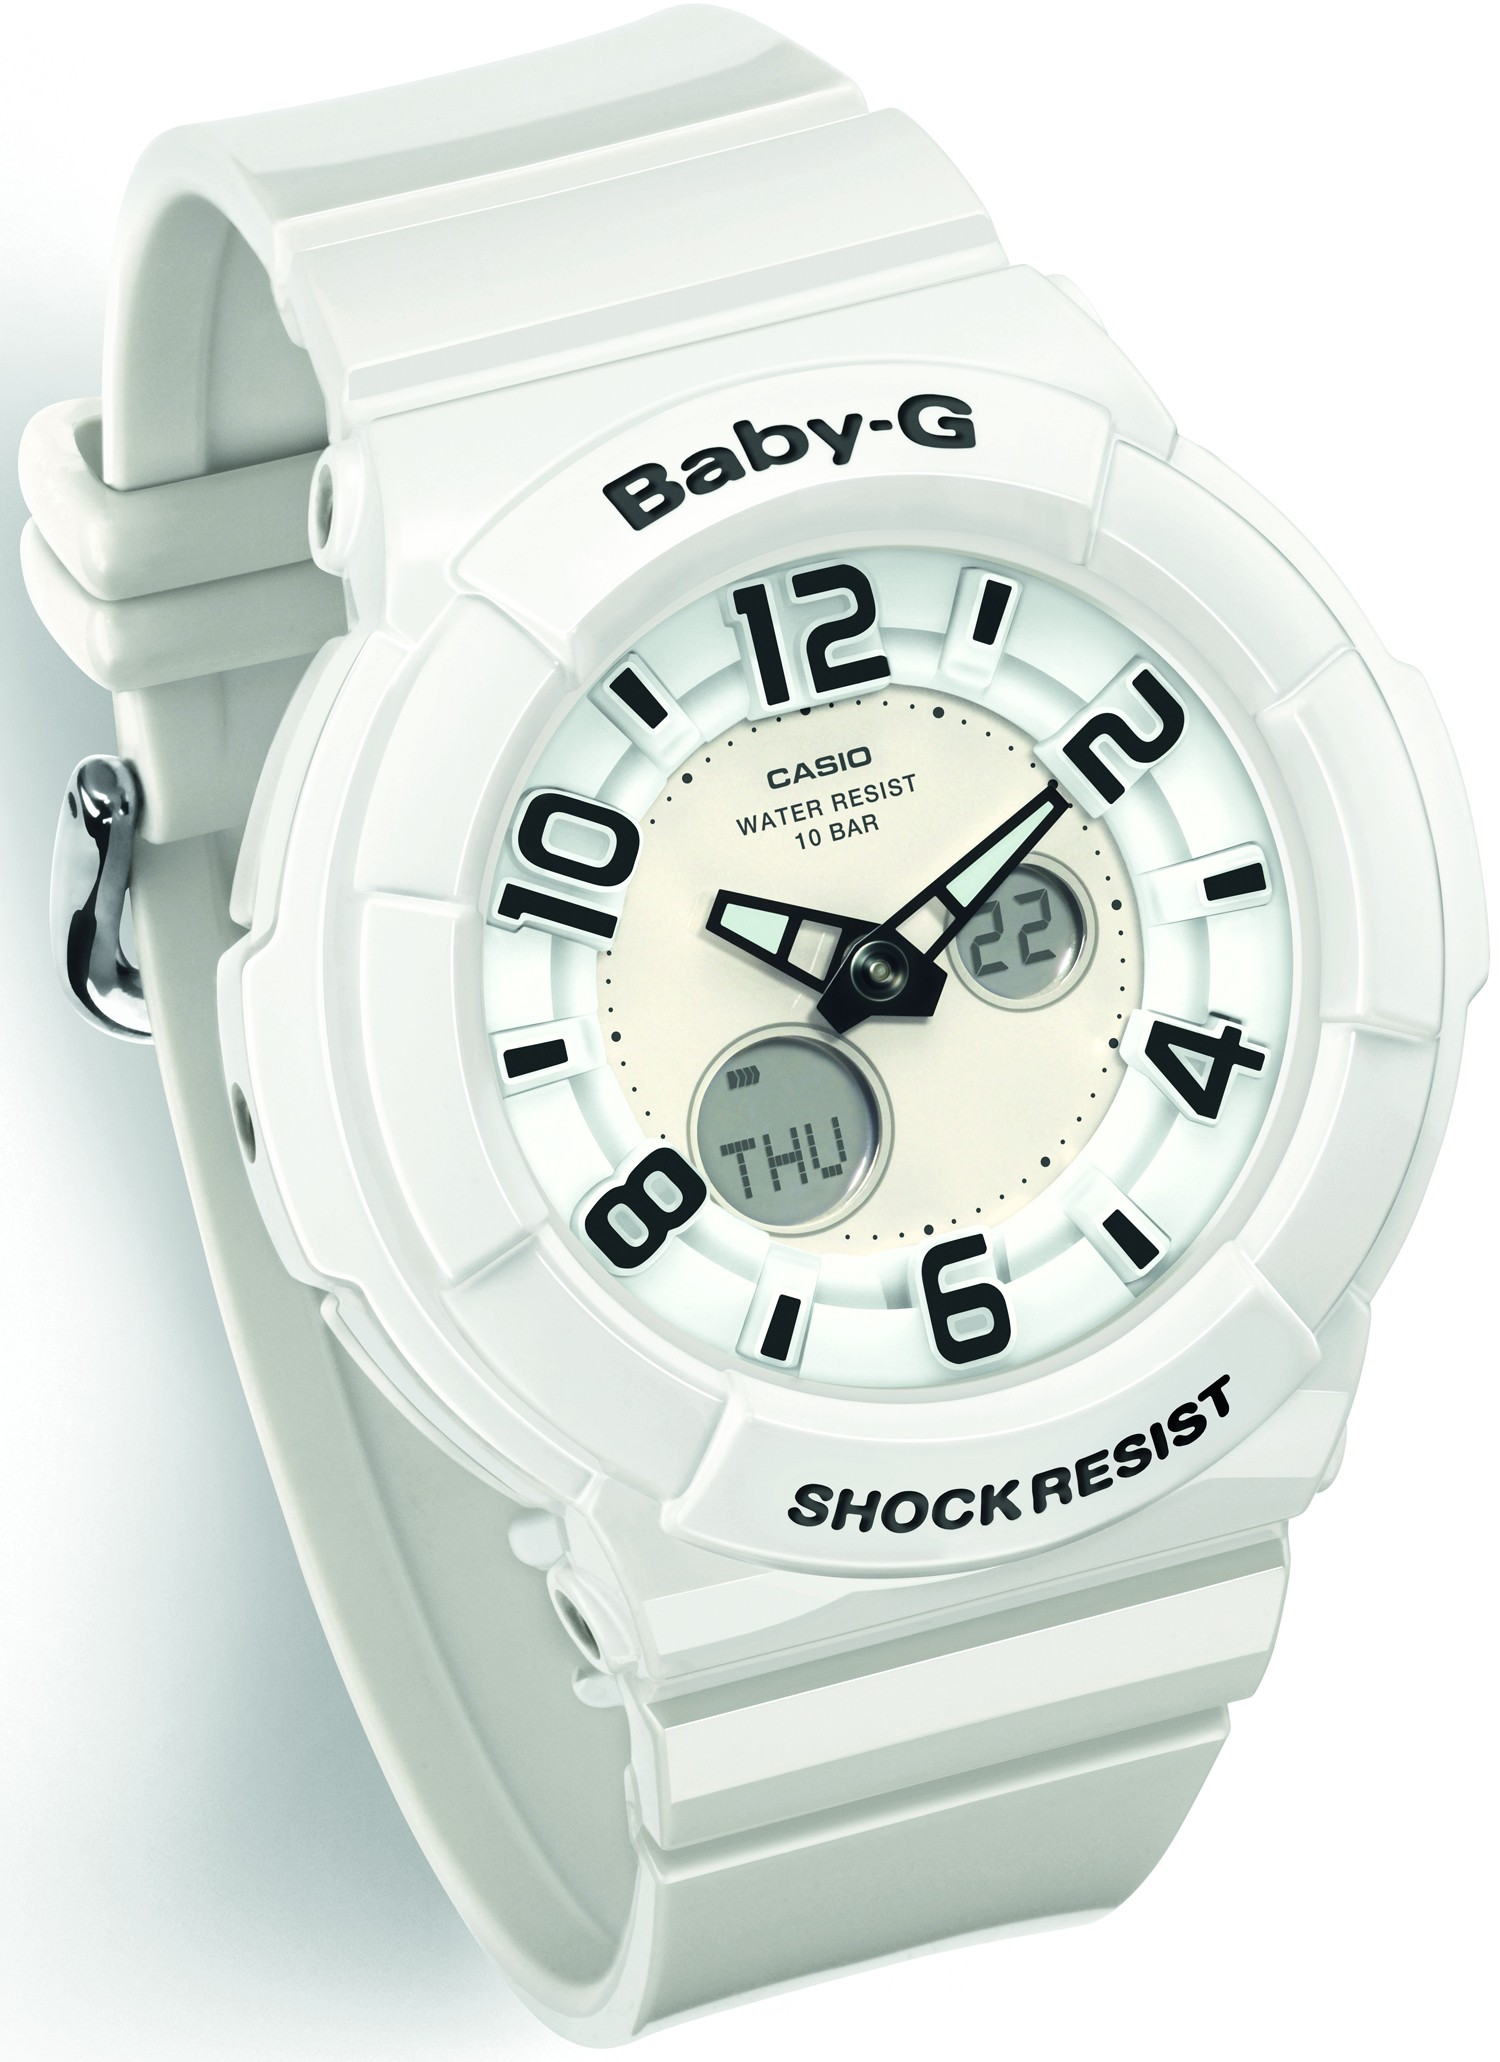 CASIO Baby-G blanche BGA-132-7BER.